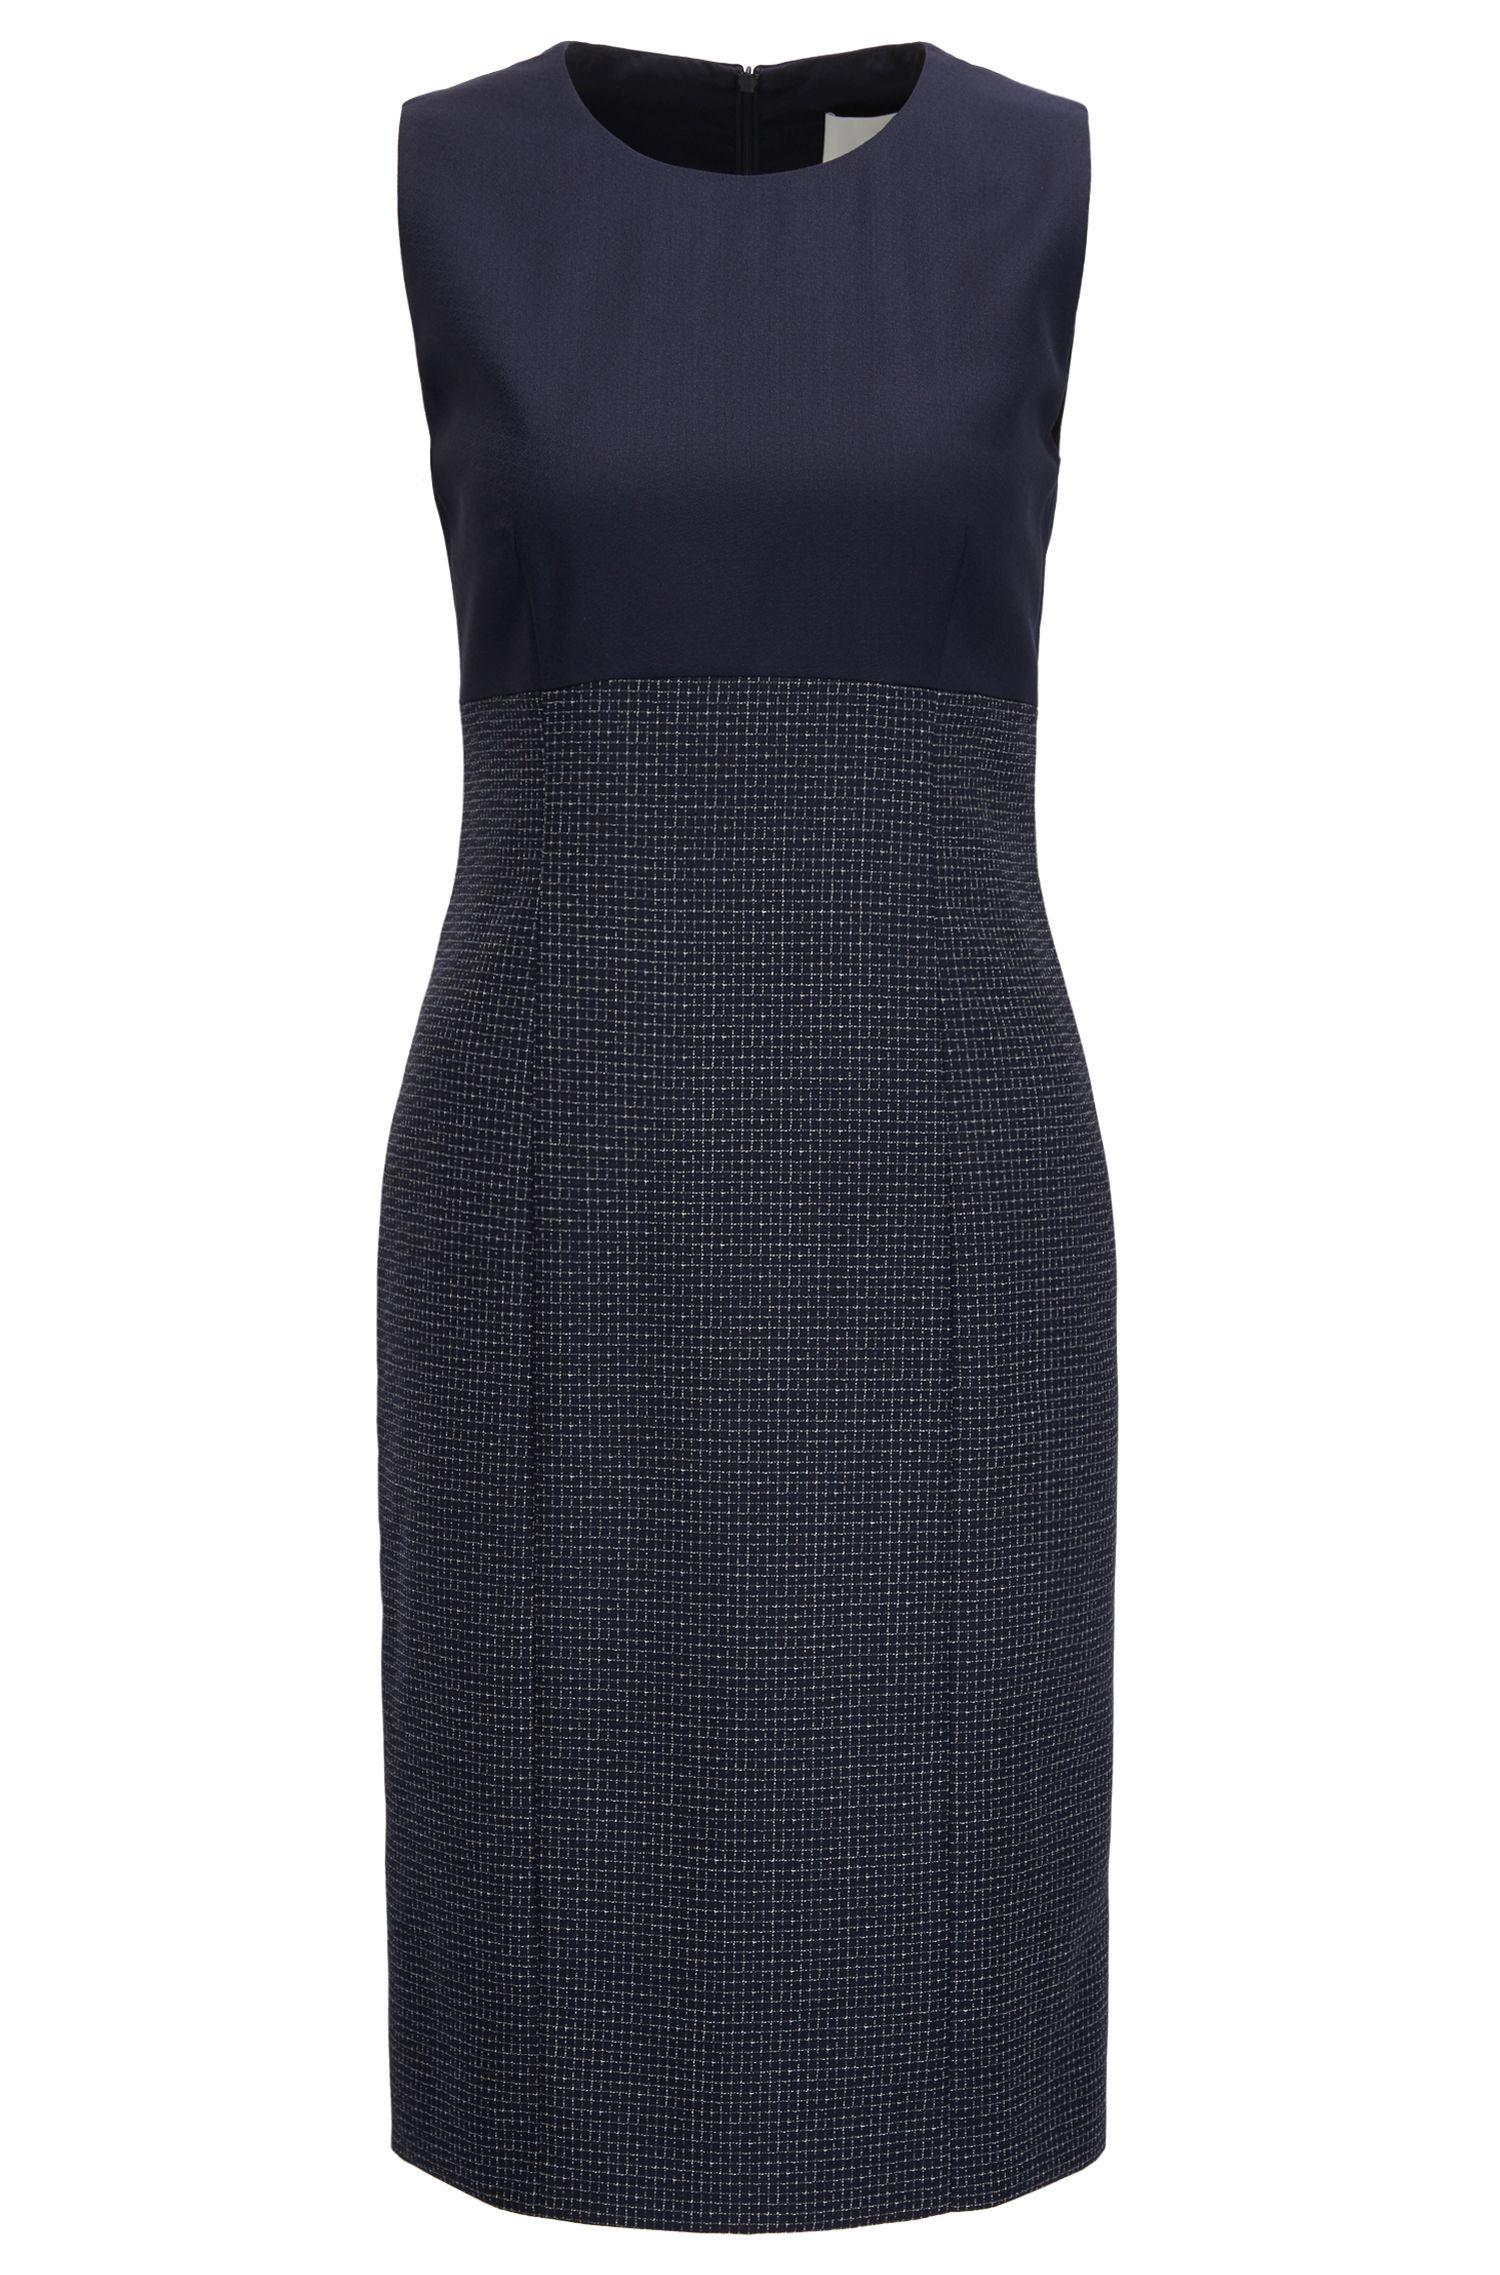 Wool Sheath Dress | Dibena, Patterned